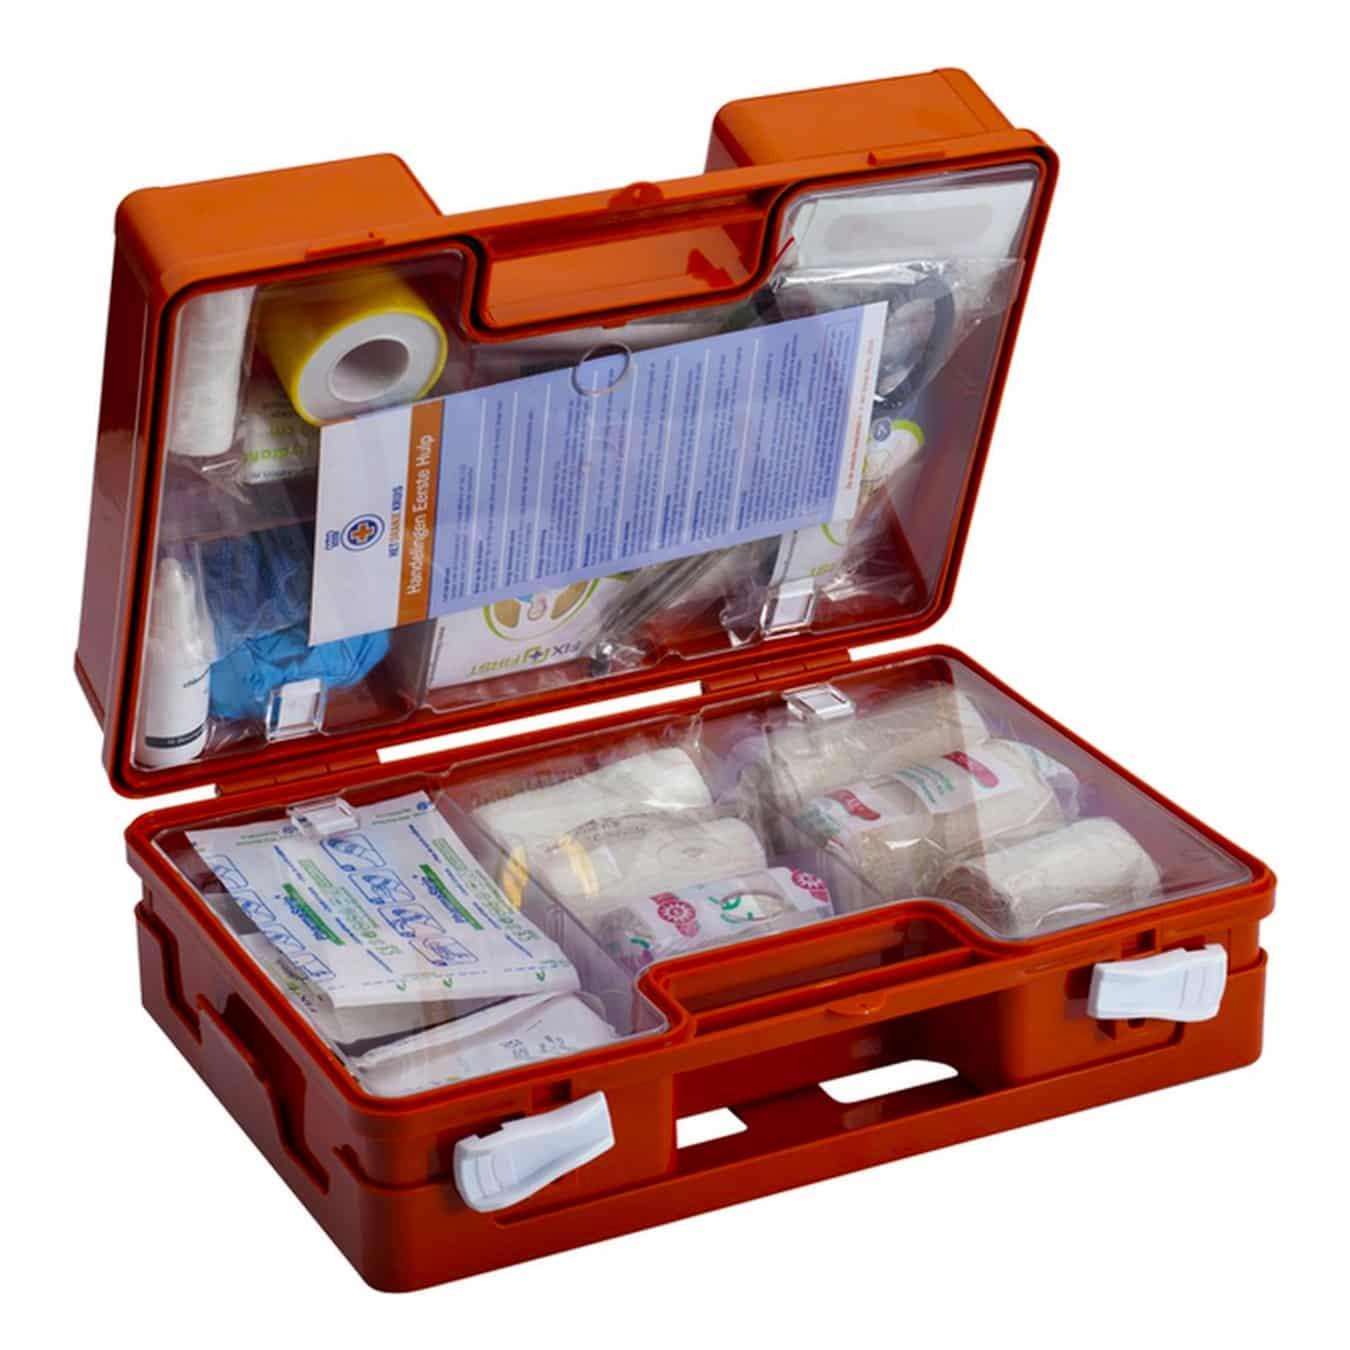 Koop EHBO - BHV set - Oranje Kruis